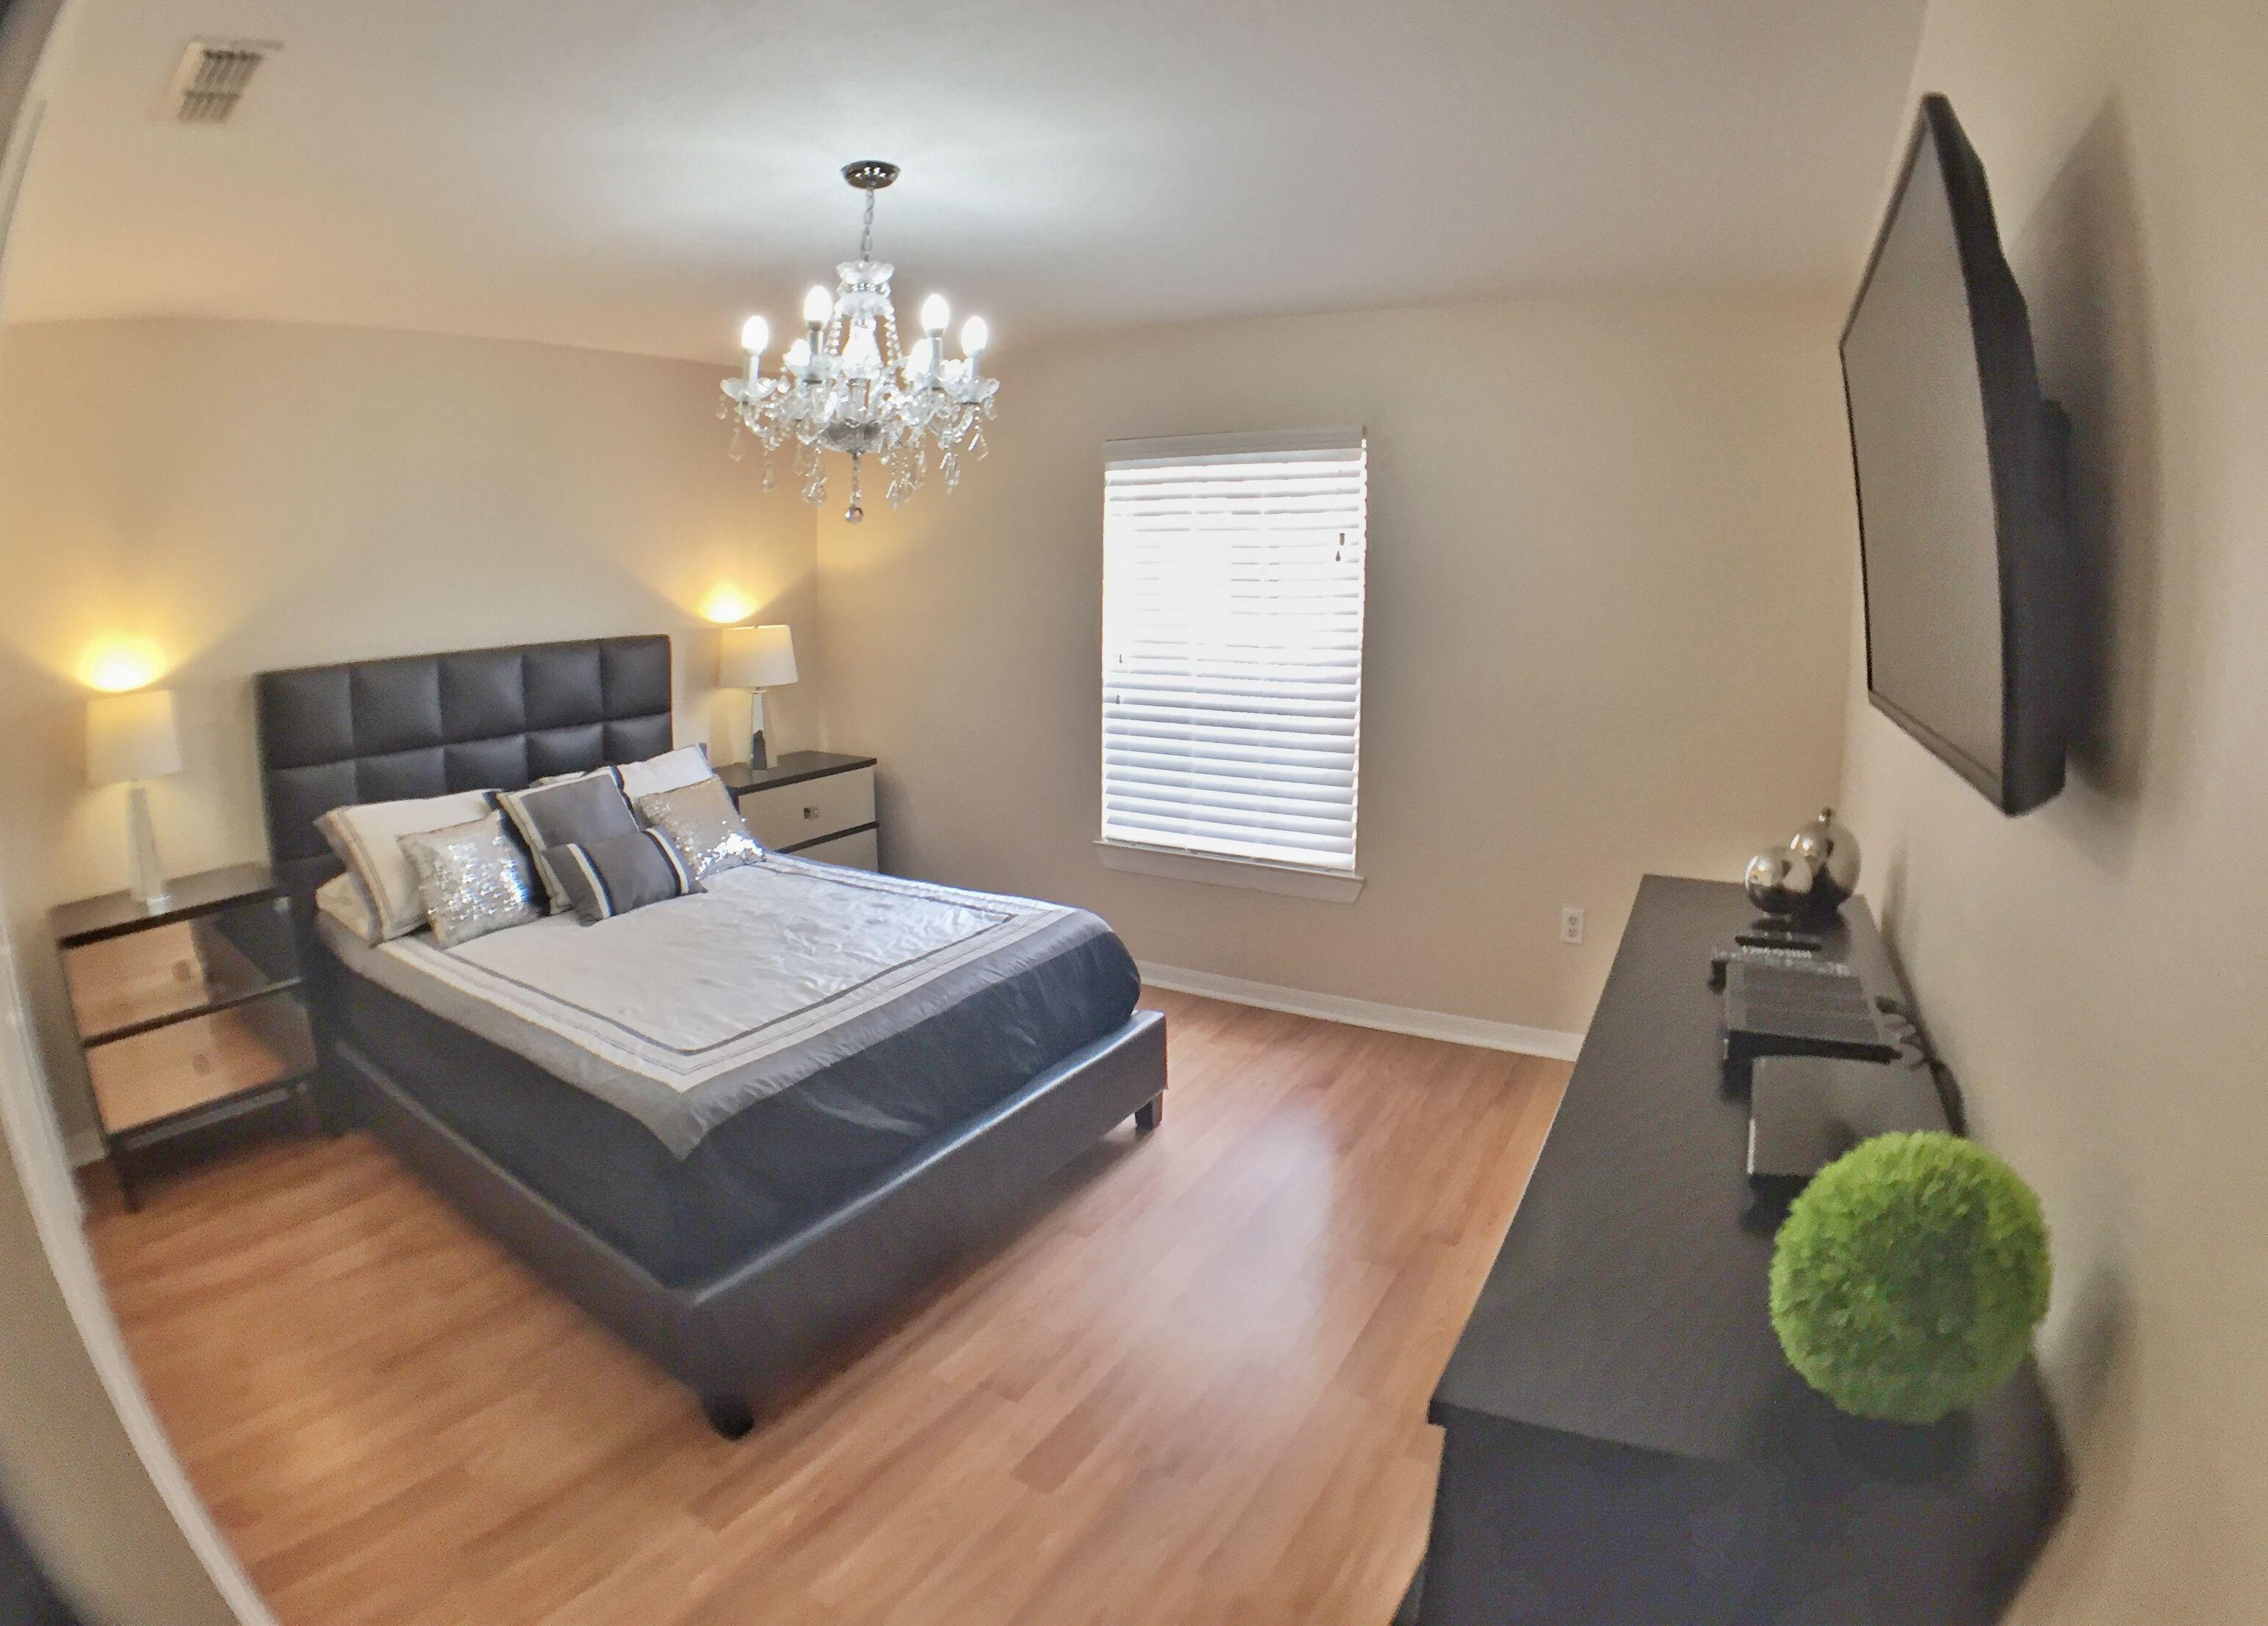 Luxury bedroom in Orlando Luxurious bedrooms, Corporate